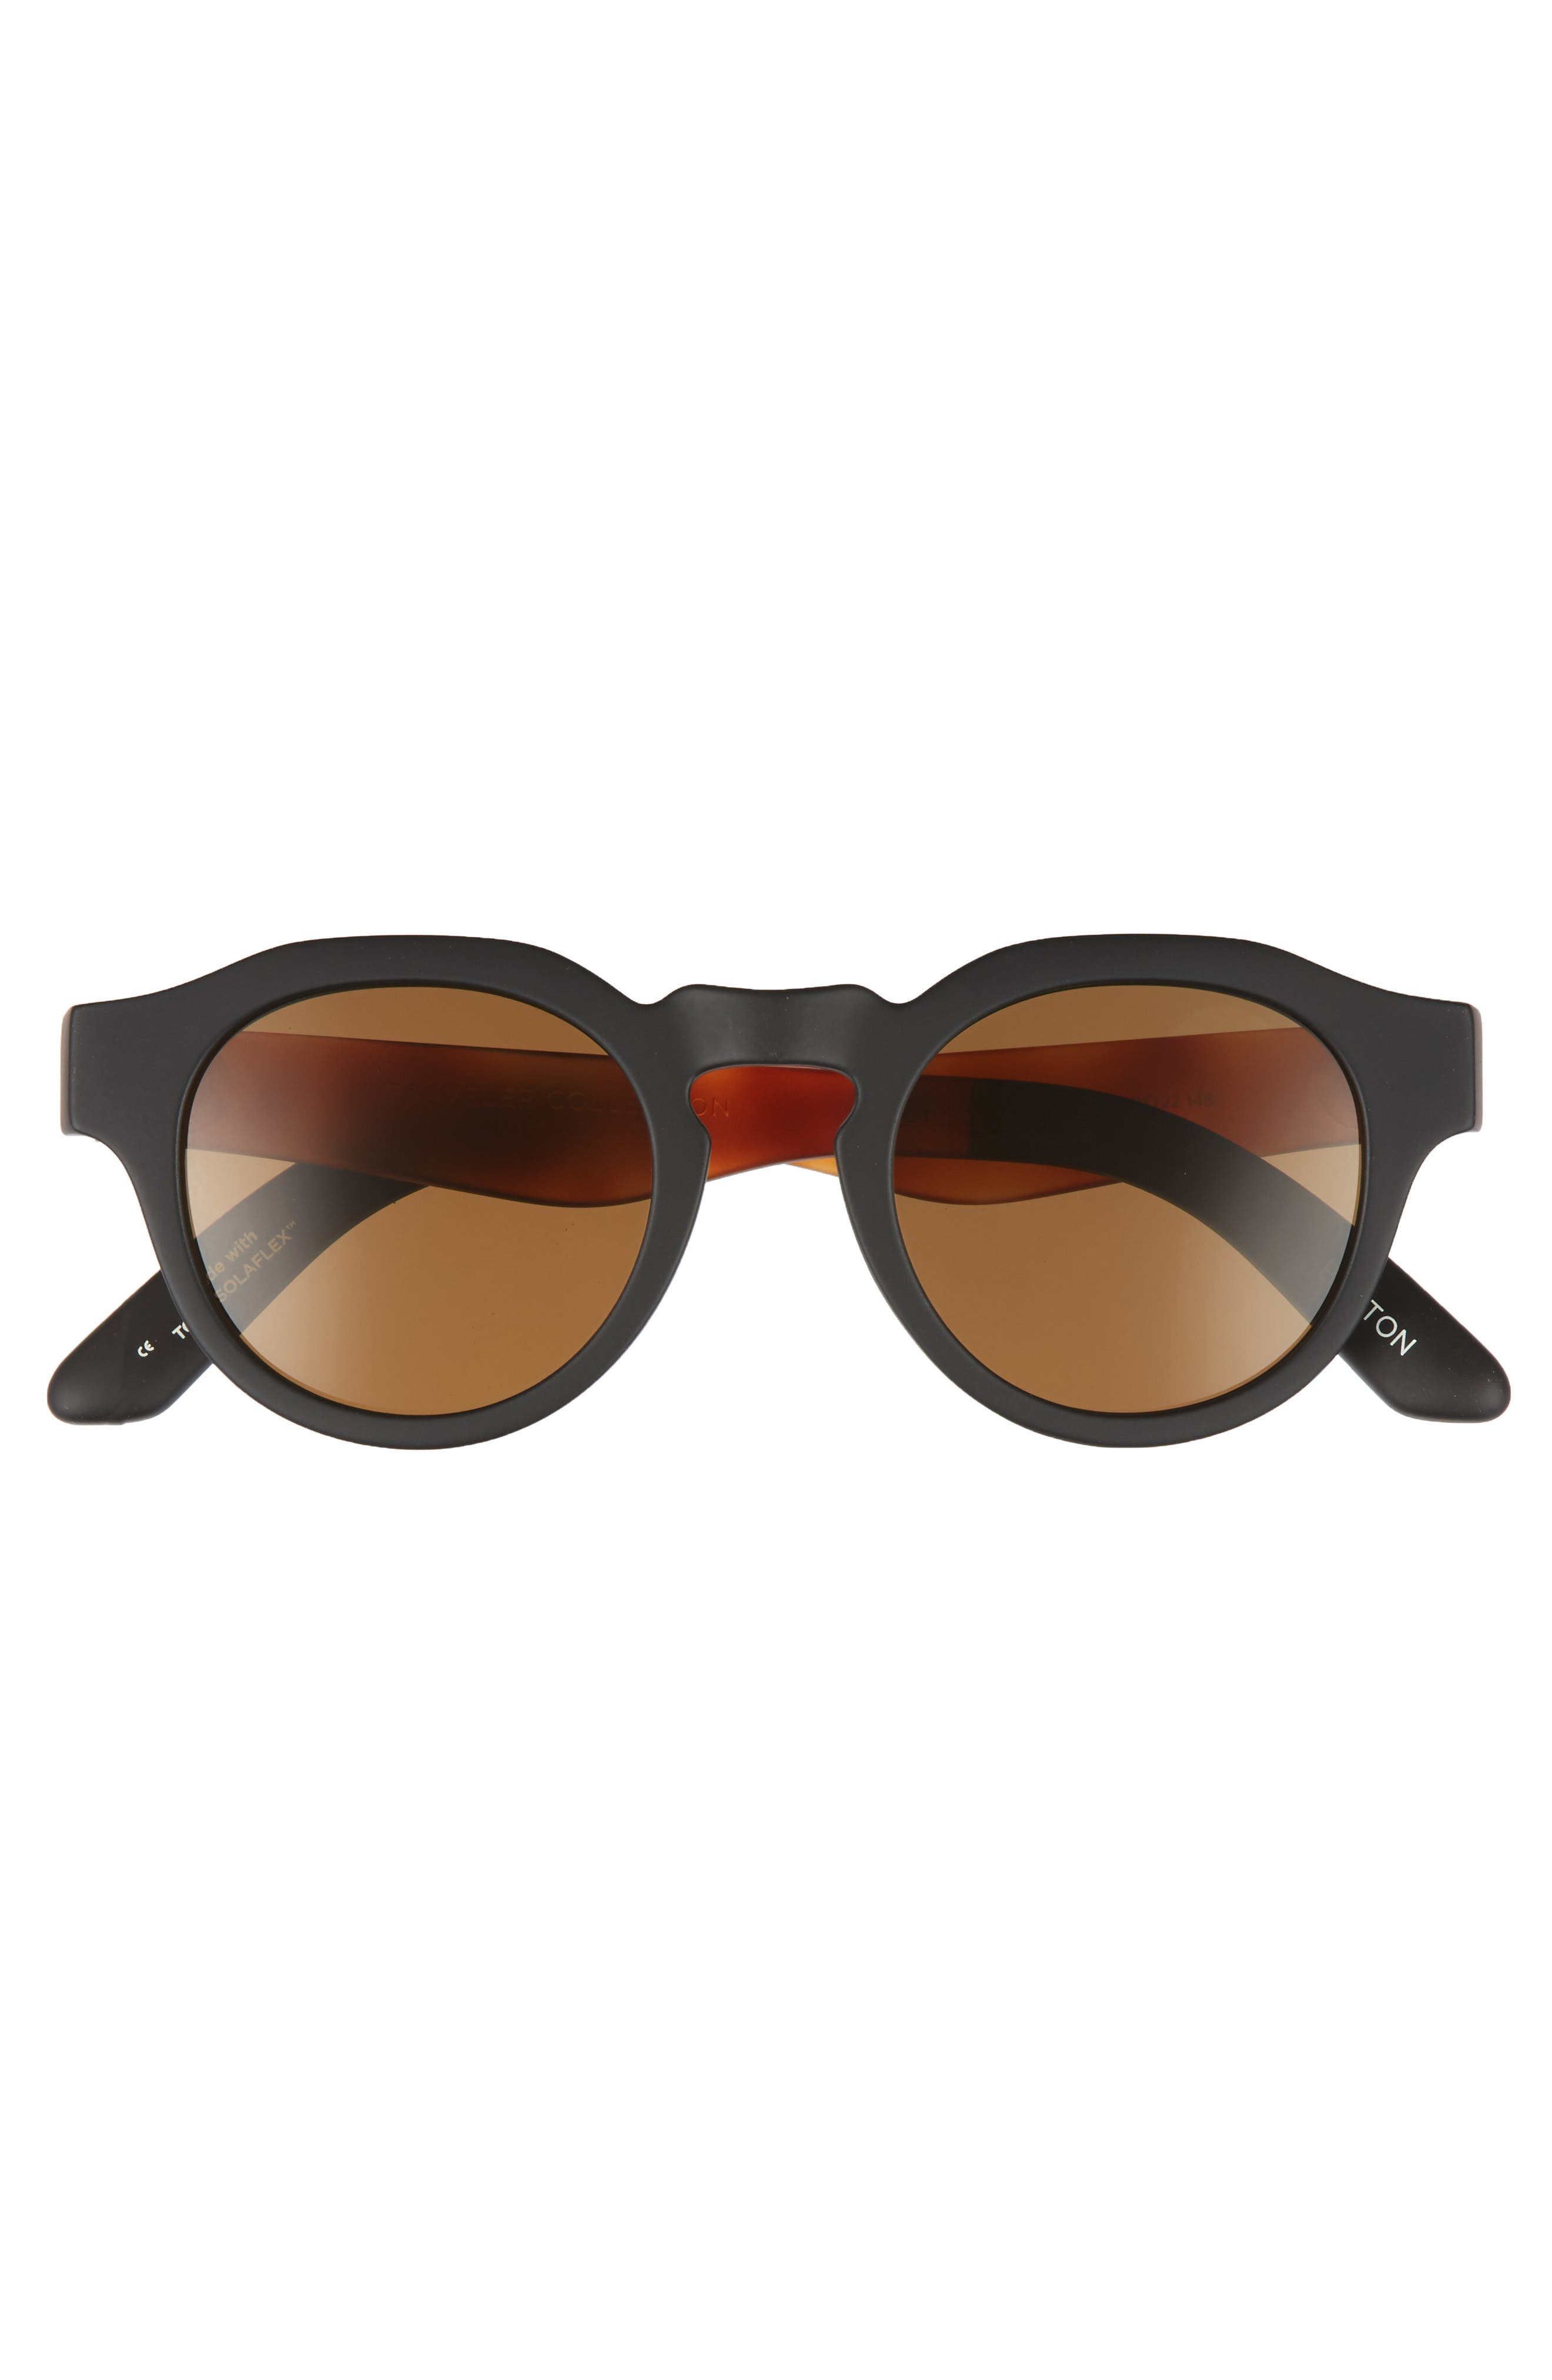 Bryton 48mm Polarized Sunglasses,                             Alternate thumbnail 2, color,                             Matte Black Polar